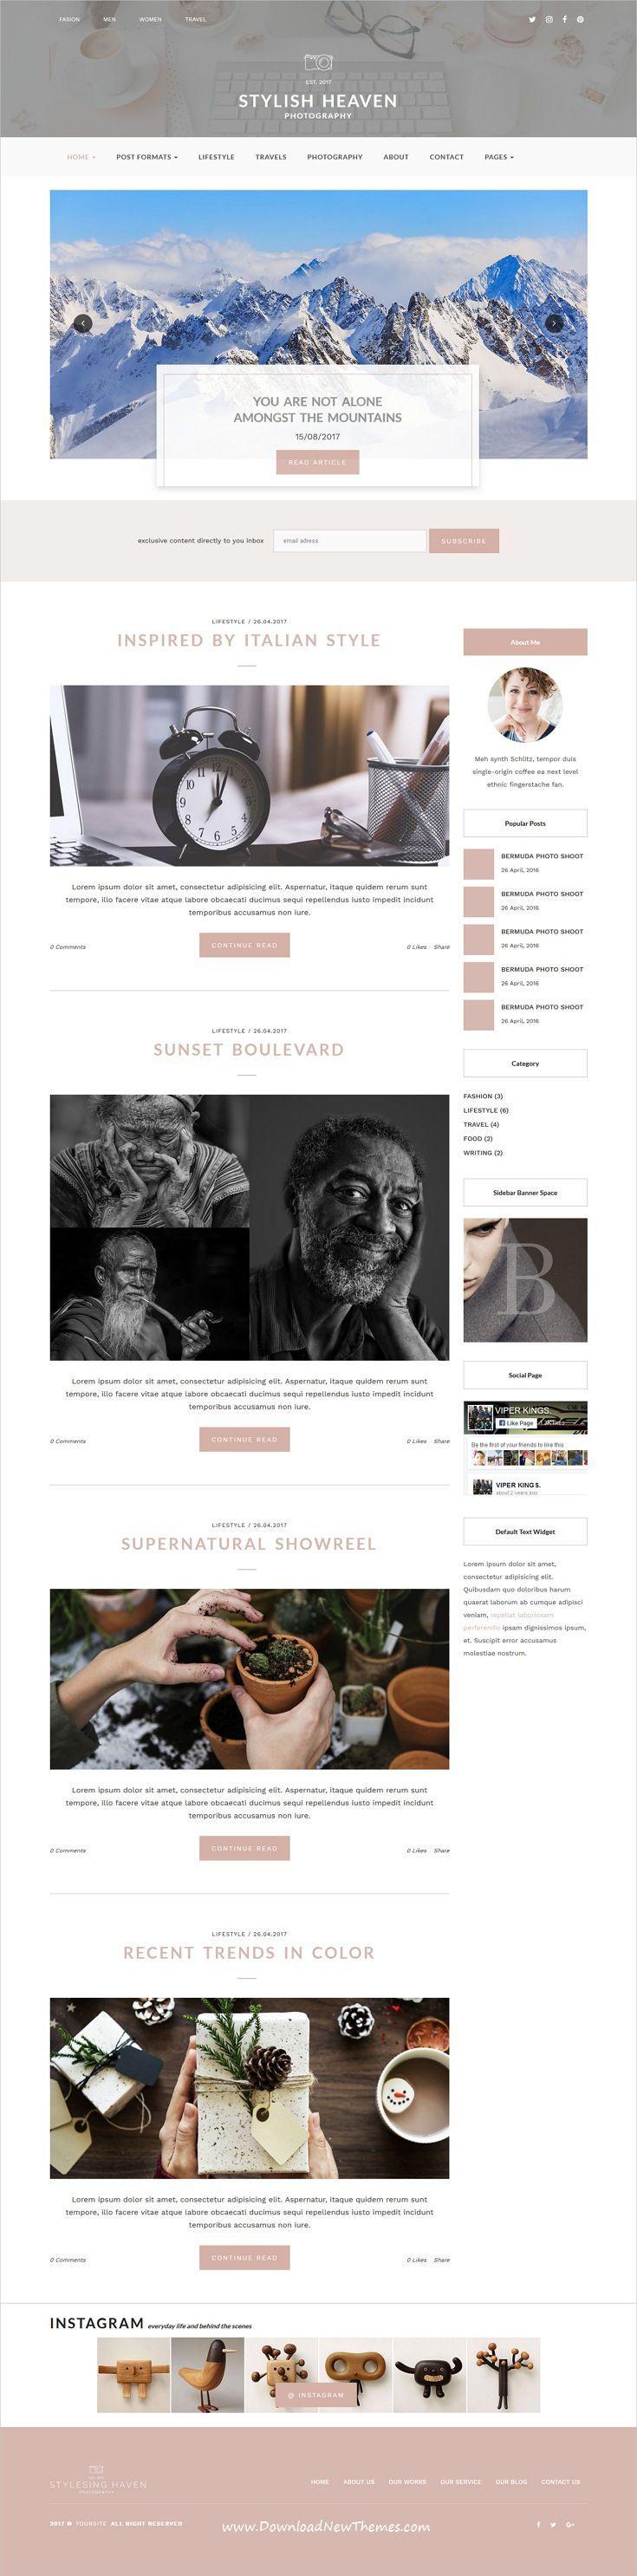 23 besten Newsletter Bilder auf Pinterest | Editorial design, Grafik ...